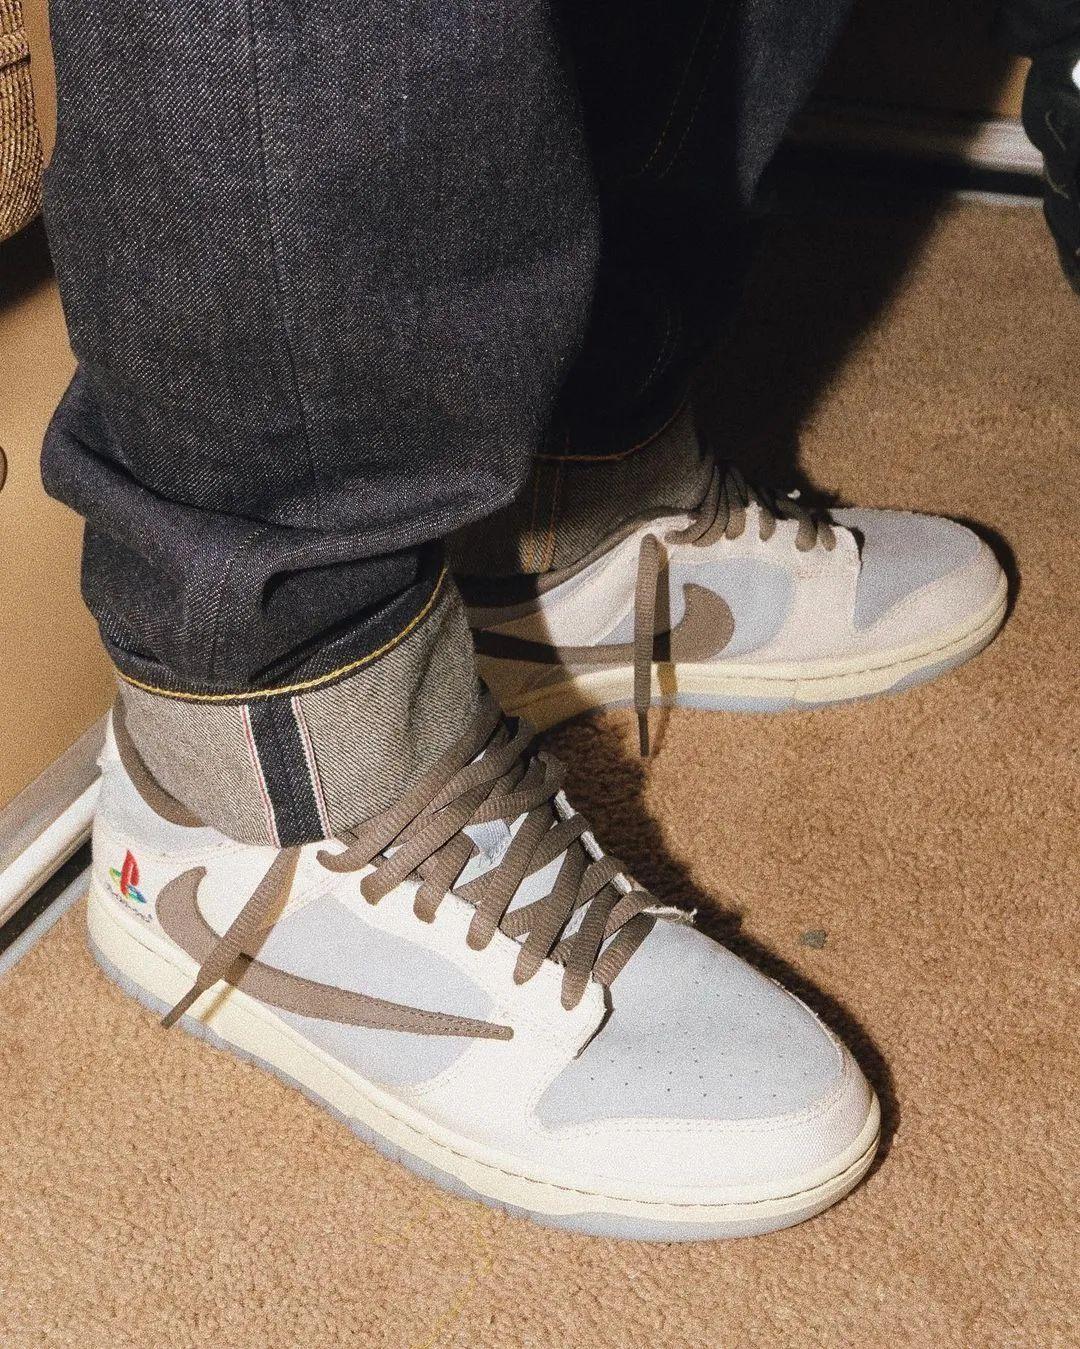 限量5双?Travis Scott带节奏发售耐克Dunk倒勾,为了炒鞋?